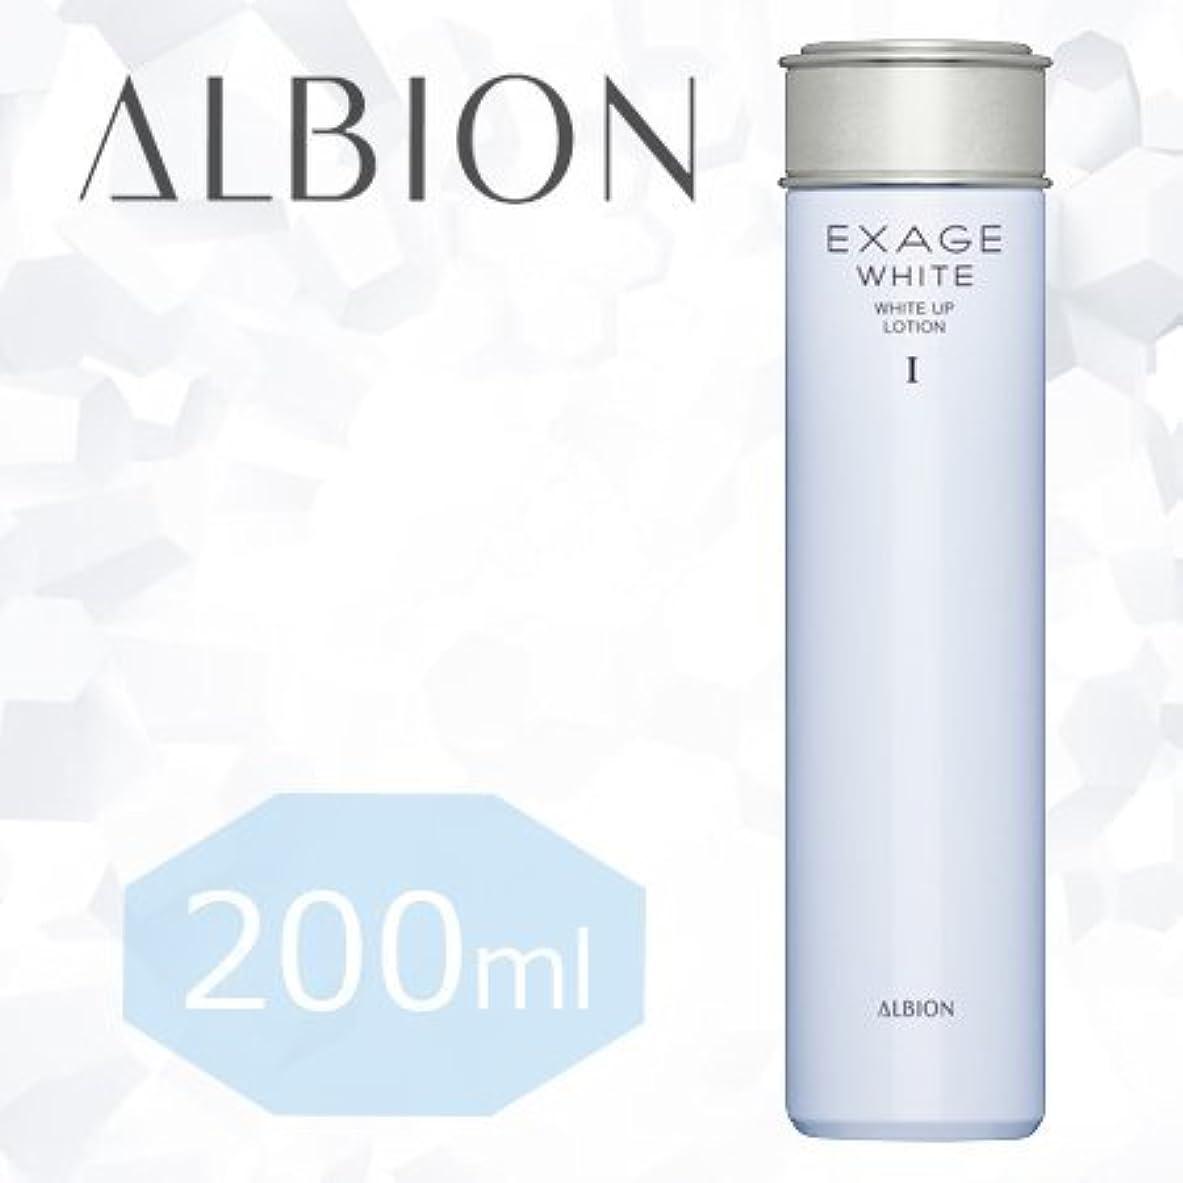 鑑定窒素おっとアルビオン エクサージュ ホワイトアップ ローション 200g (Ⅰ)